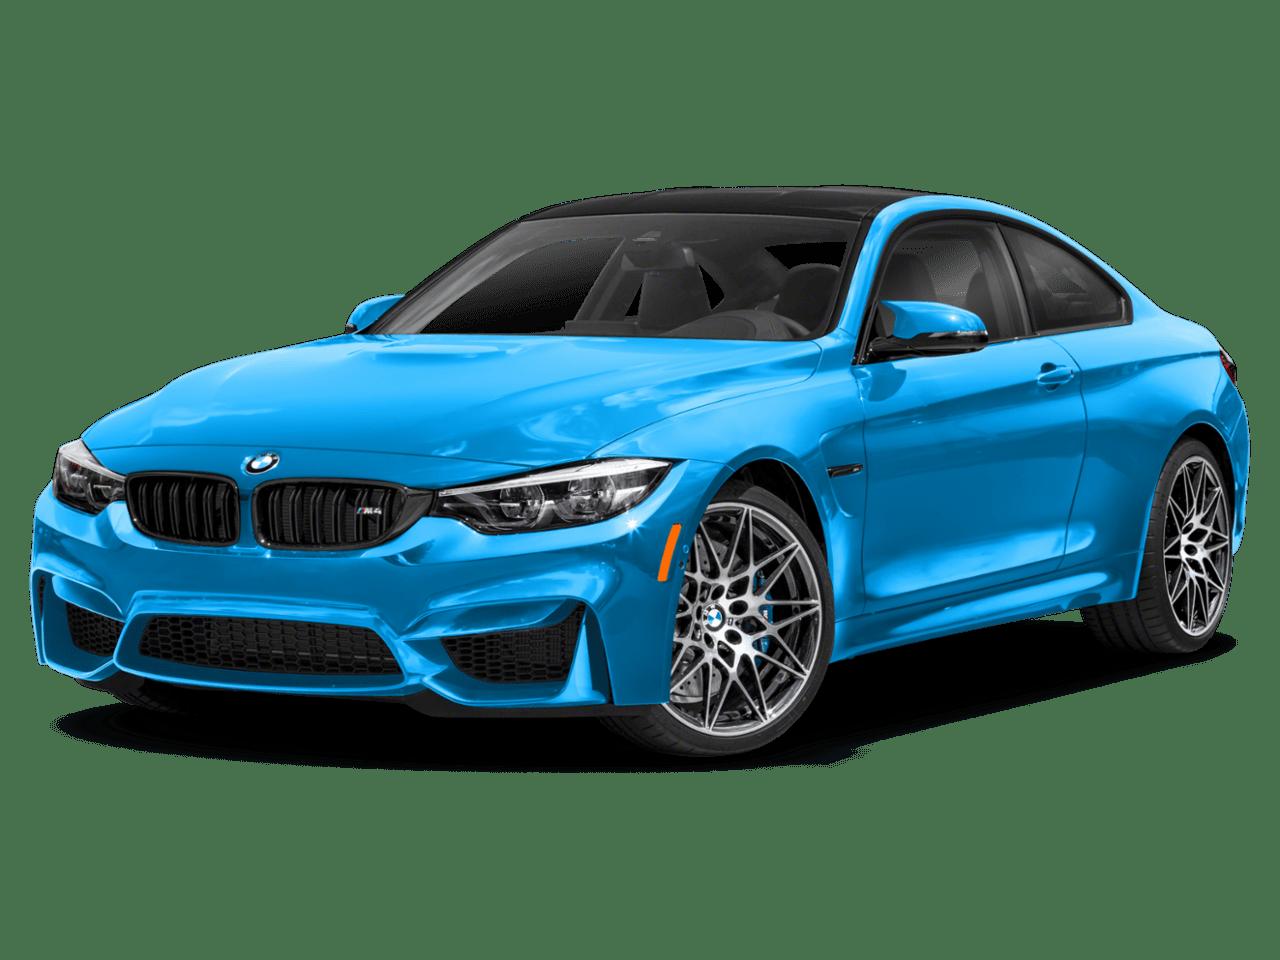 2019 Bmw M4 Birchwood Automotive Group